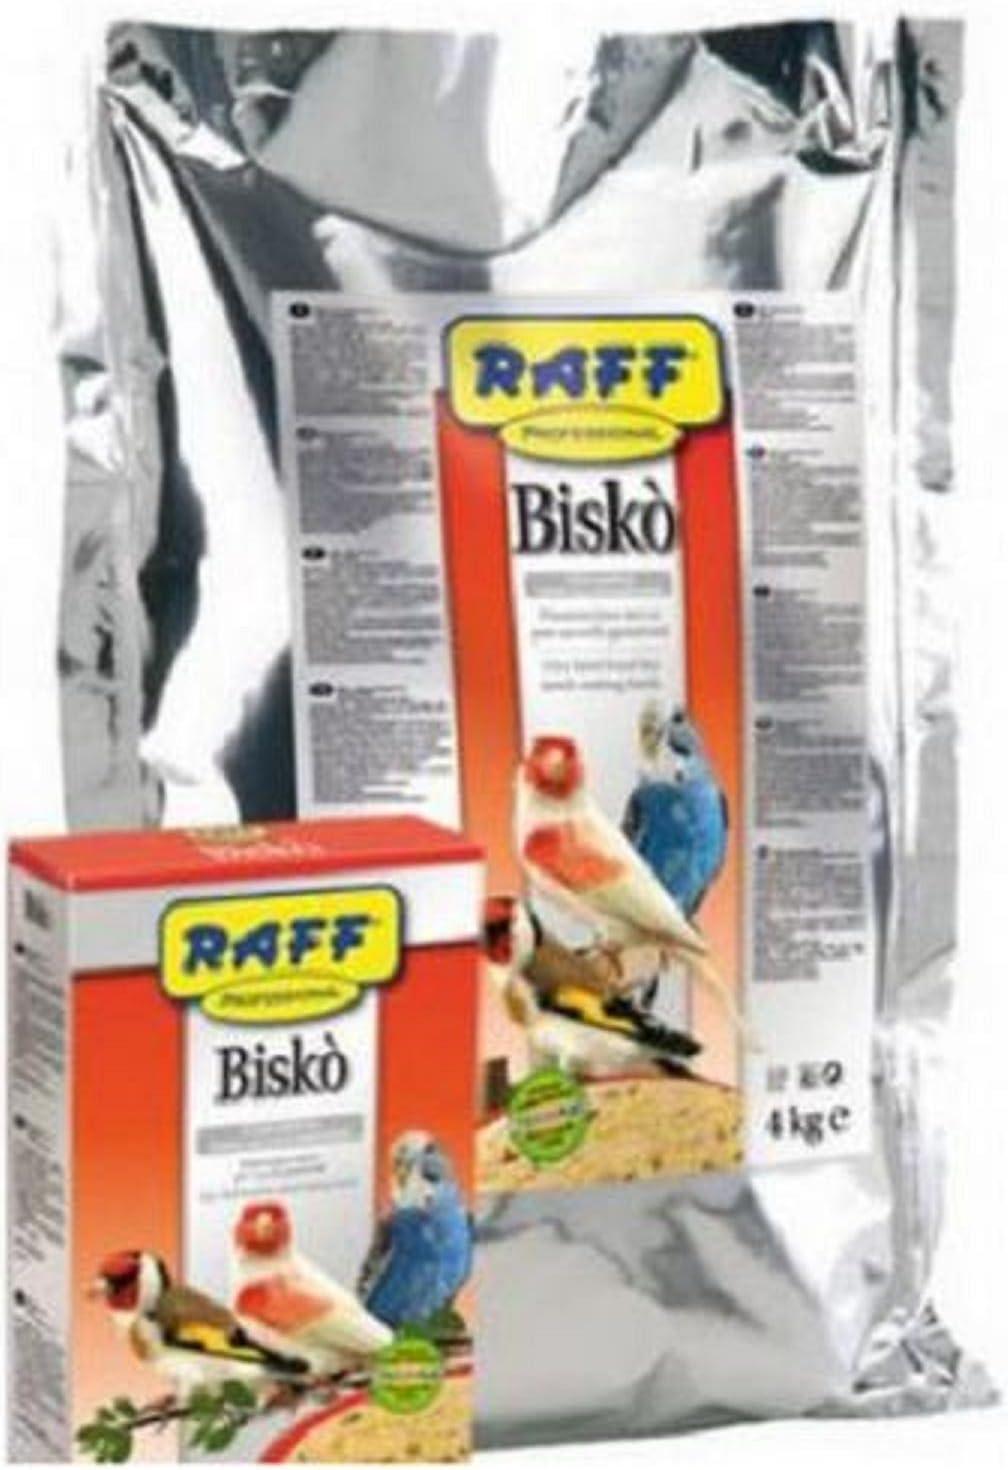 Professional Bisko 4 Kg Pastoncino Secco Raff Amazon It Prodotti Per Animali Domestici